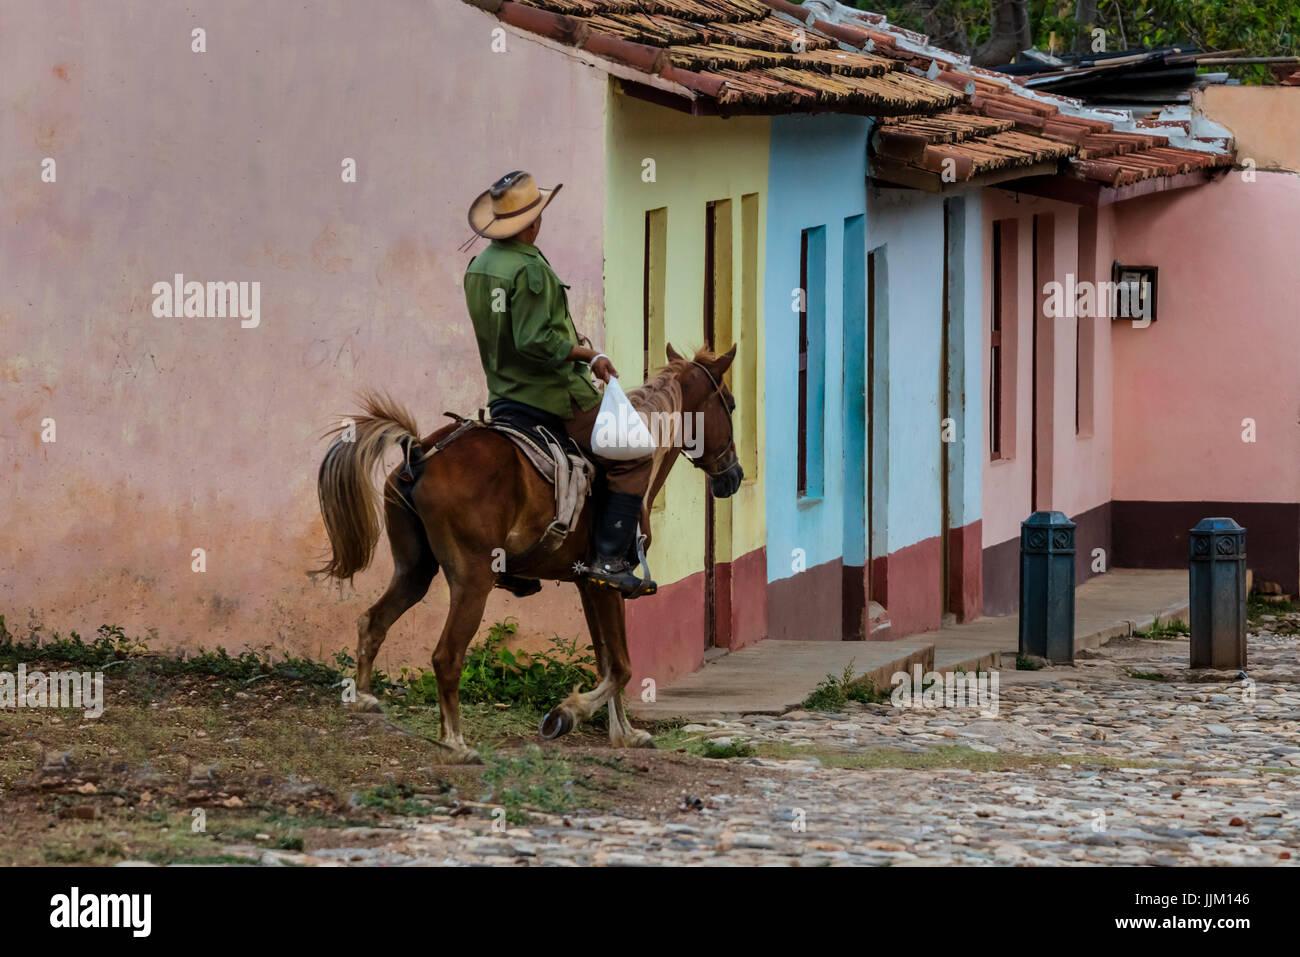 Cavalli e cowboy sono un sito comune sulle strade lastricate di Trinidad, Cuba Immagini Stock